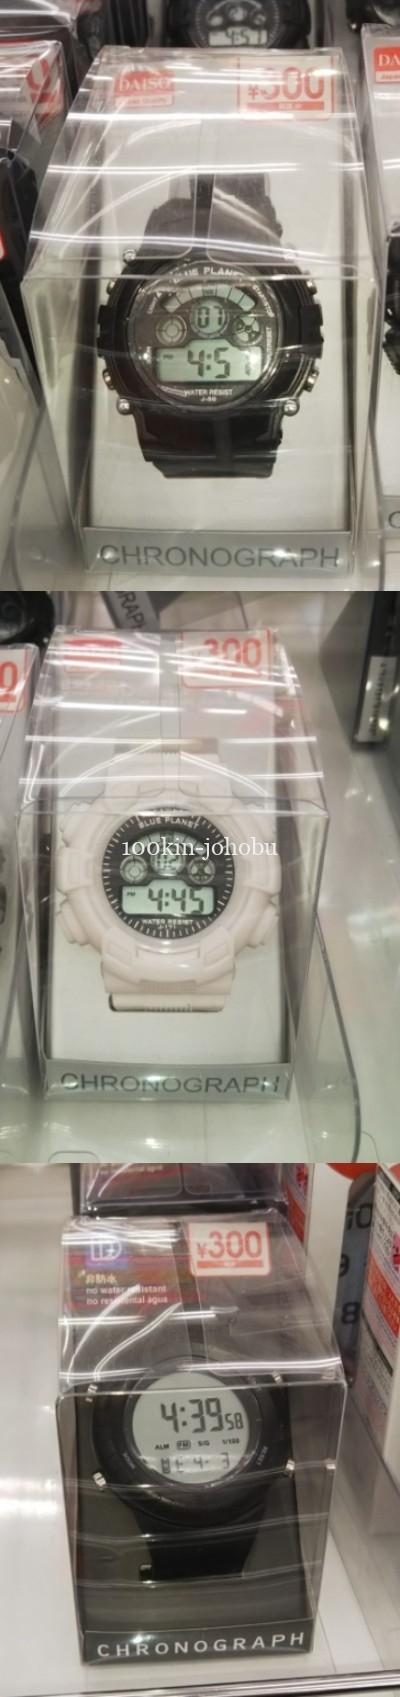 安い 時計 おすすめ ダイソー